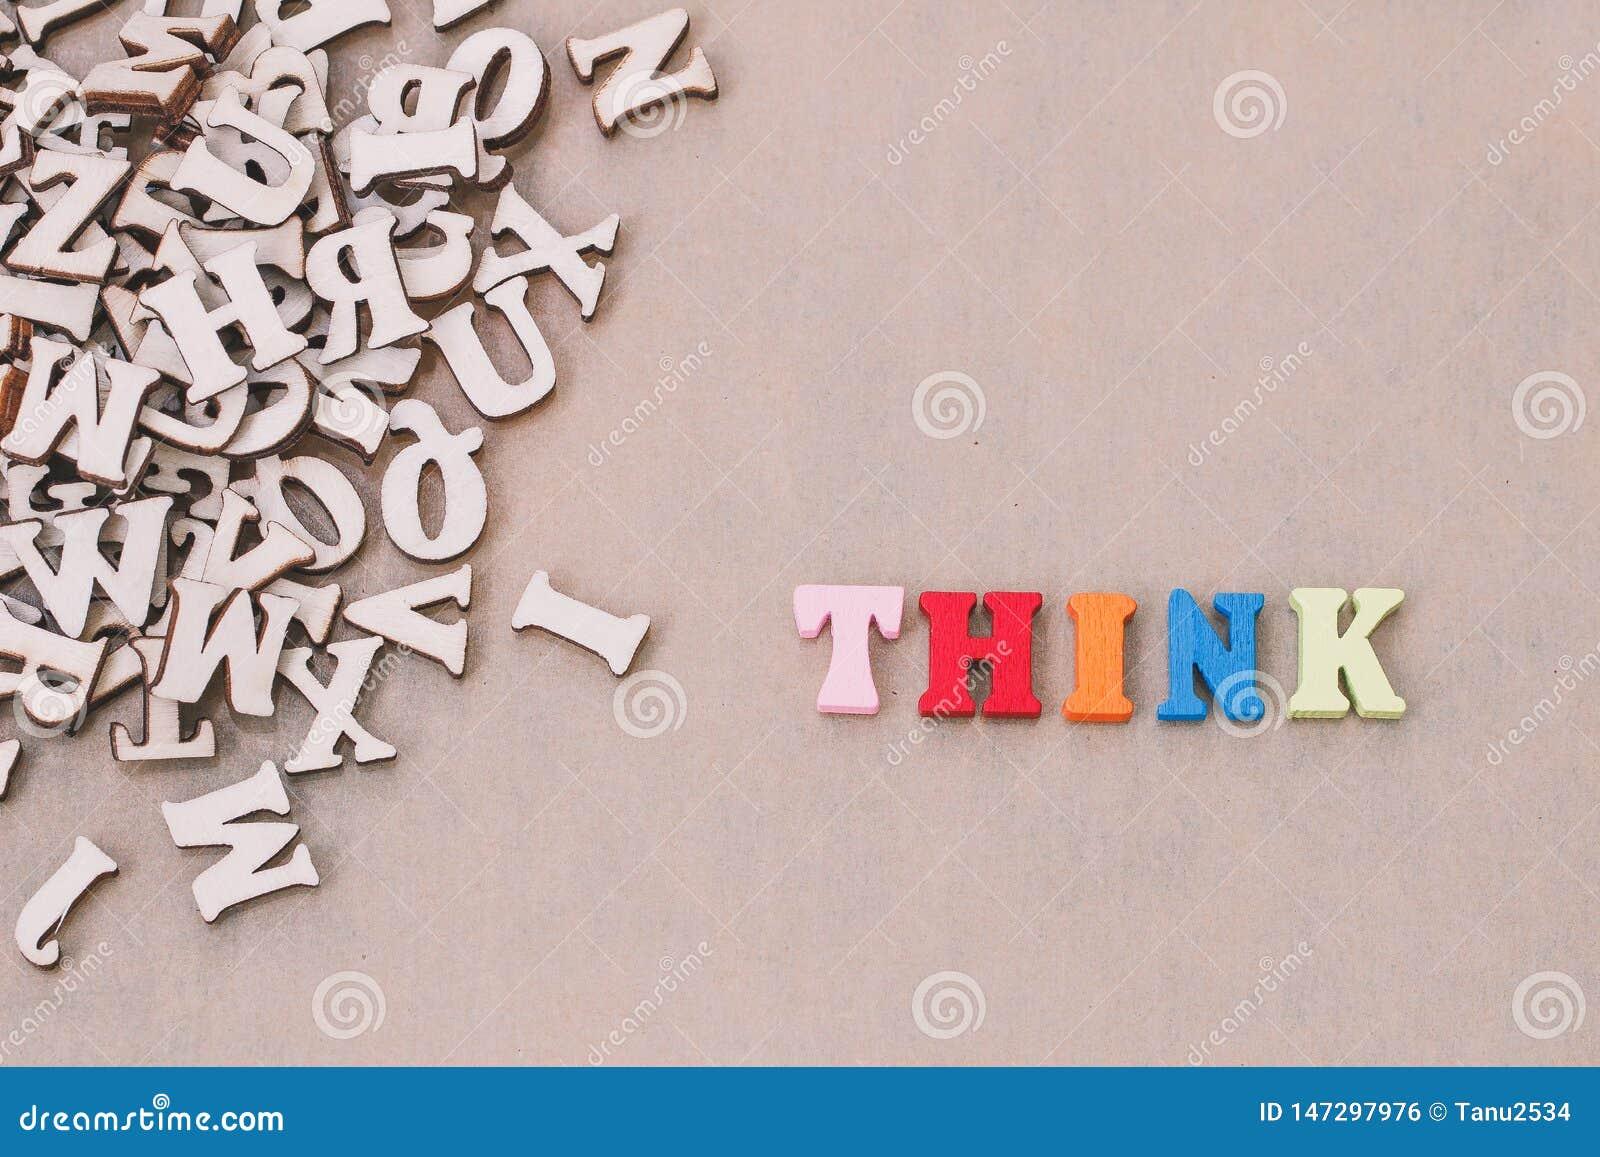 La parola THINK ha fatto con le lettere di legno del blocco accanto ad un mucchio di altre lettere